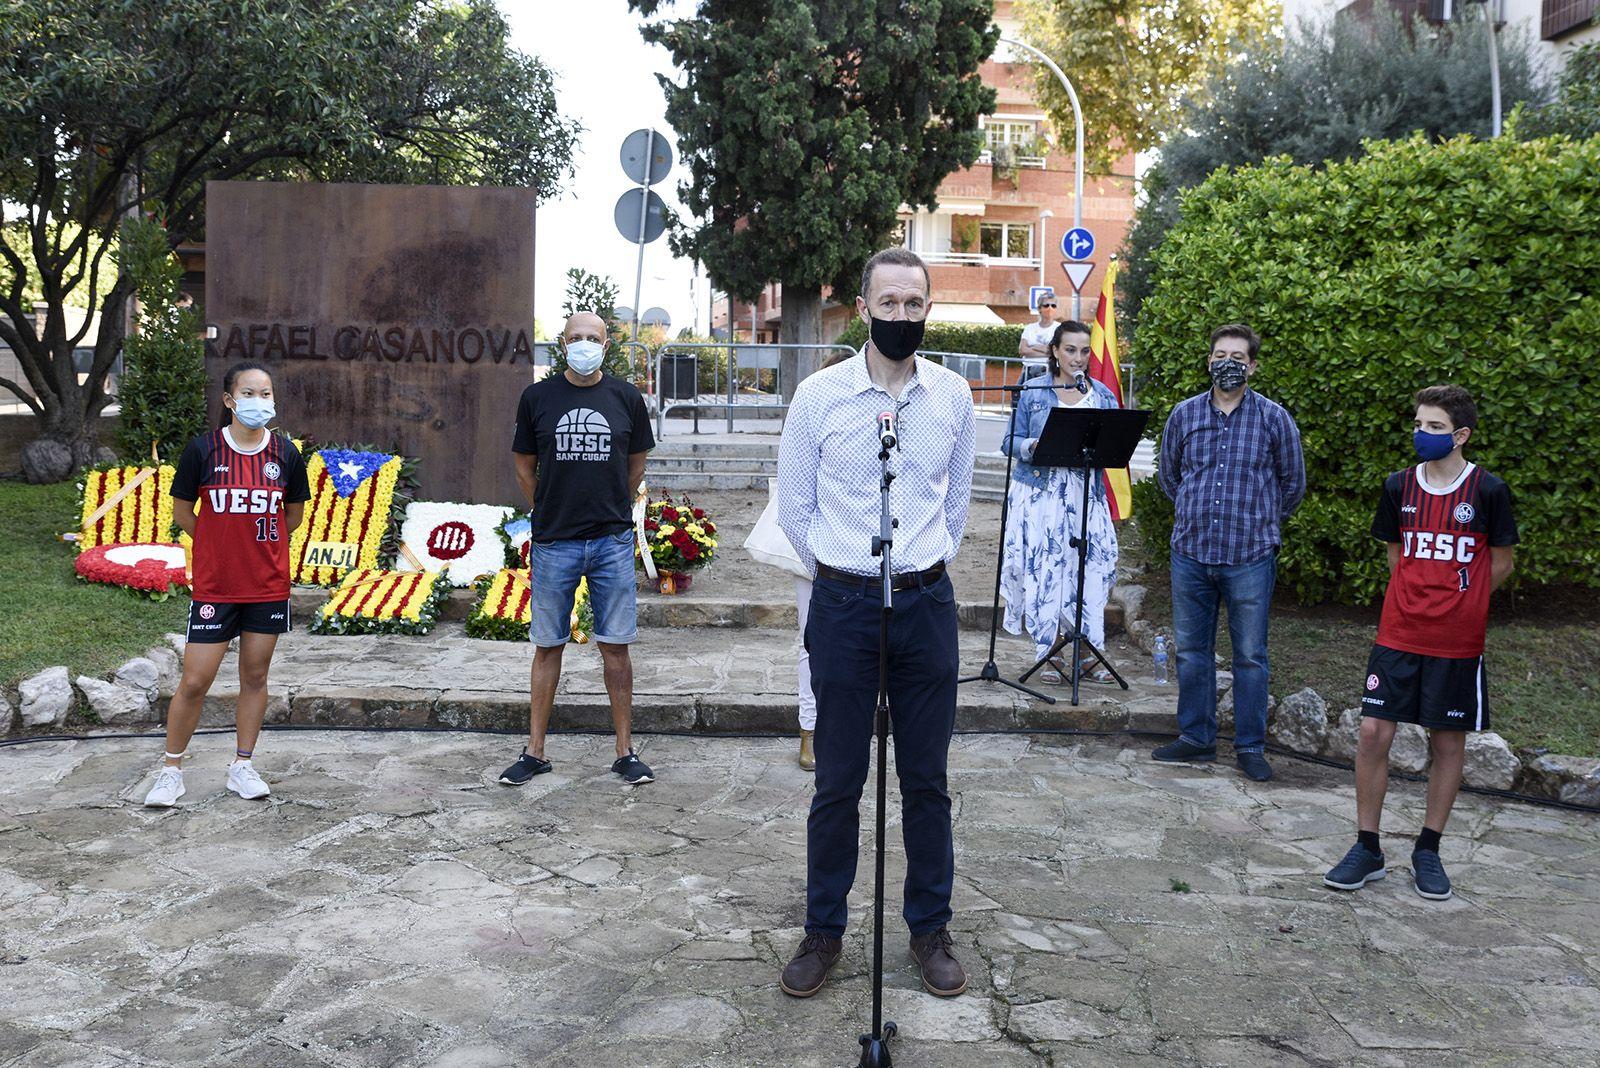 Ofrena floral de la Unió Esportiva Sant Cugat al monument de Rafael Casanova. Foto: Bernat Millet.